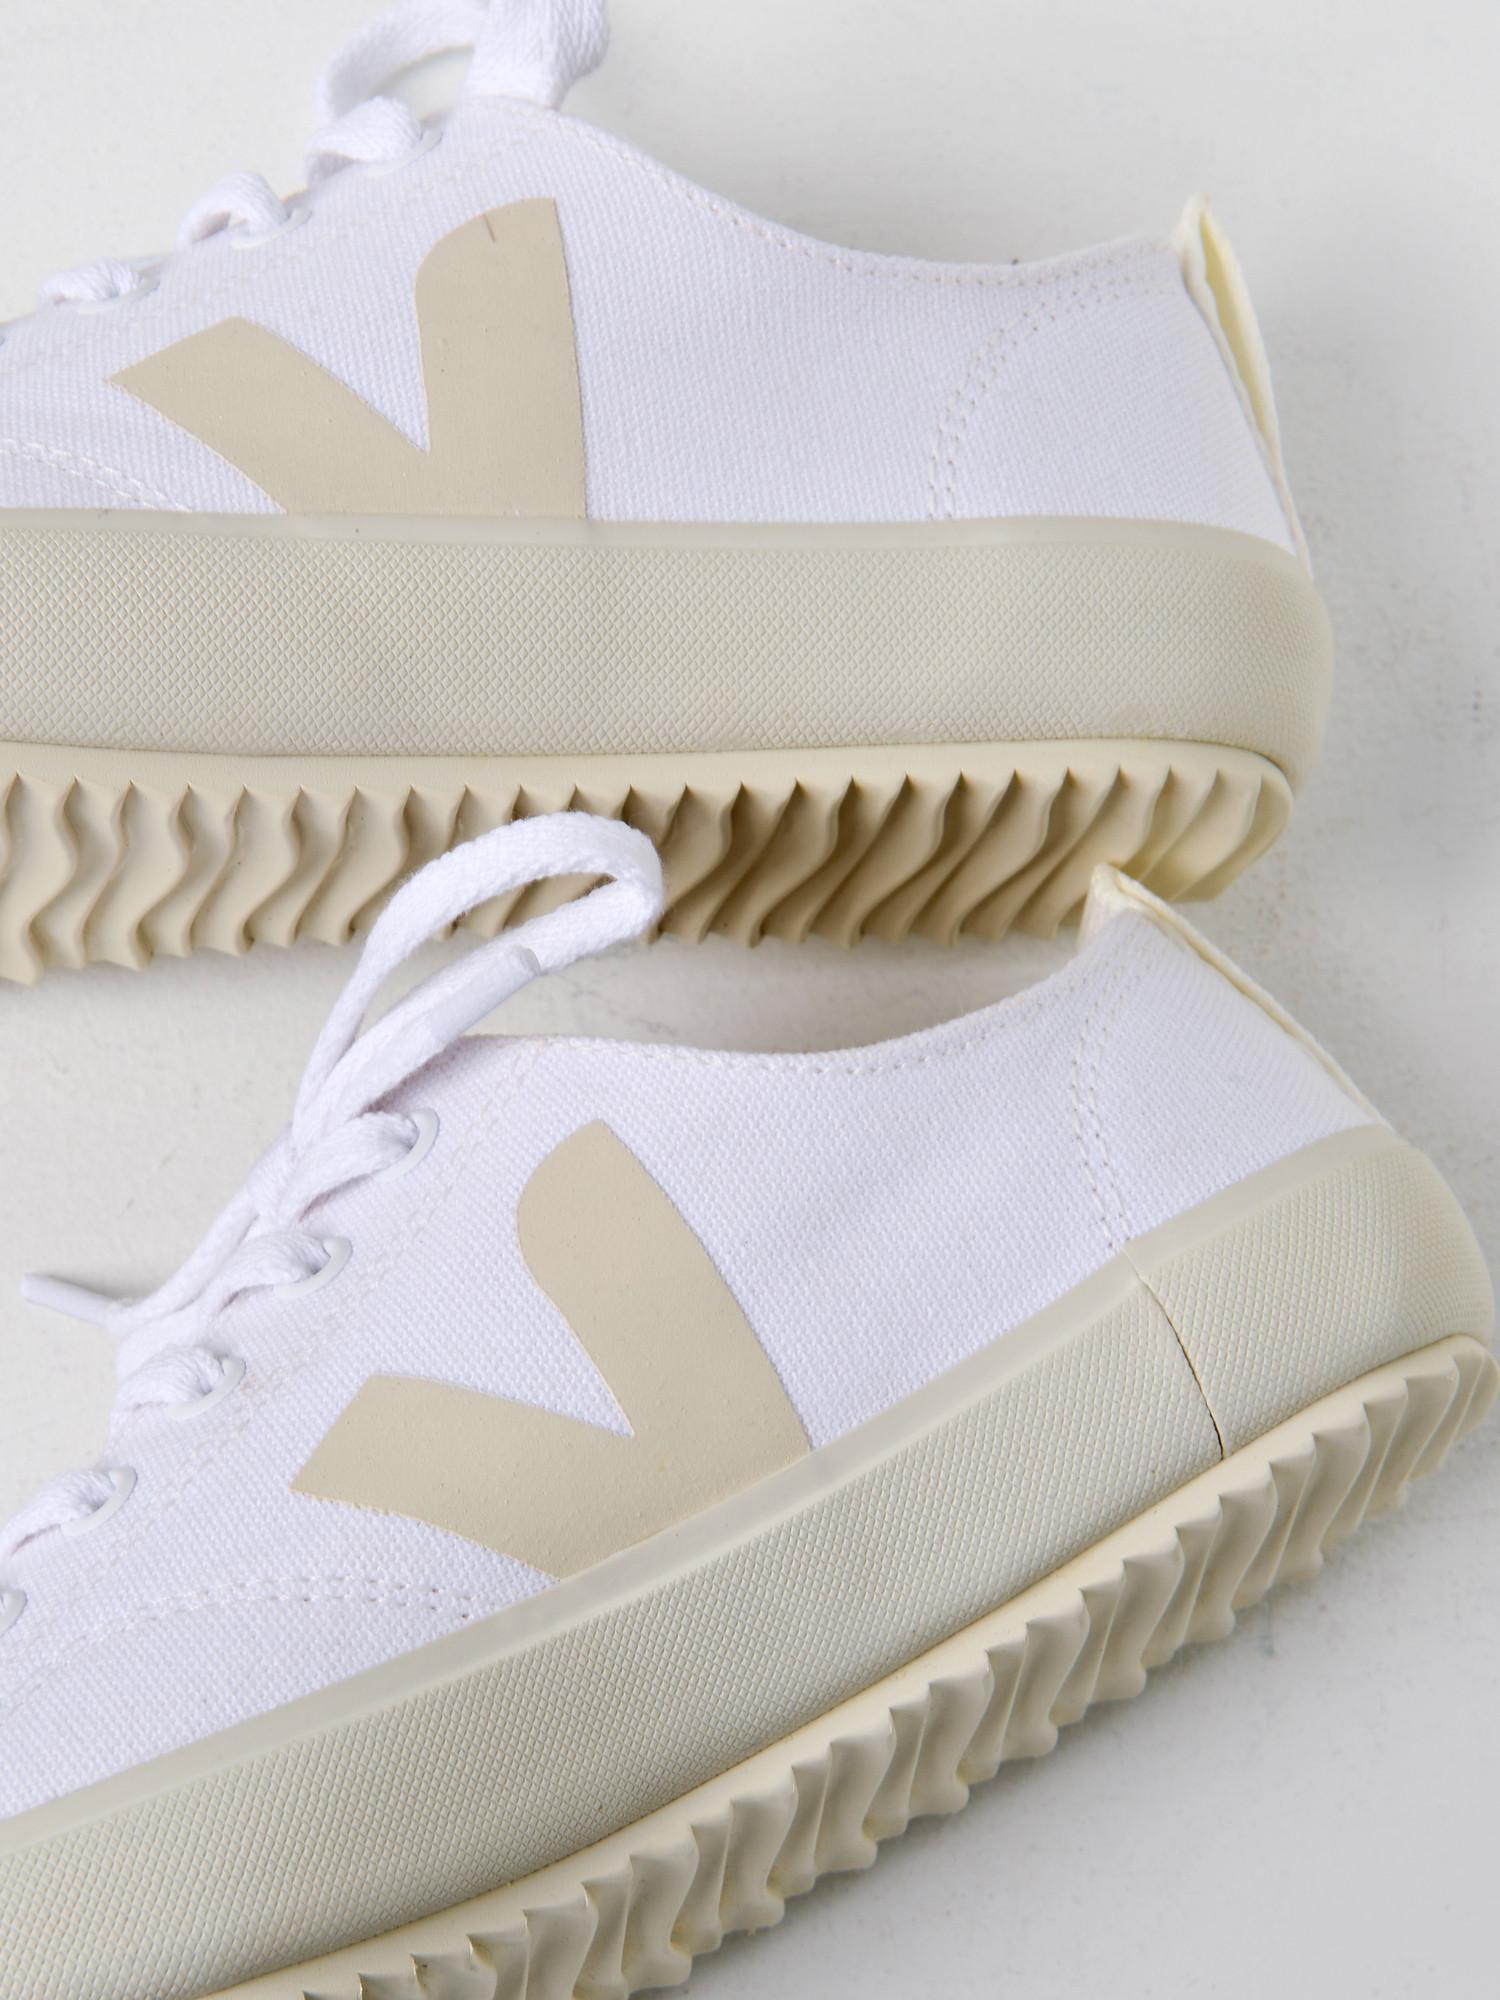 Veja Cotton Bastille Nova White Pierre